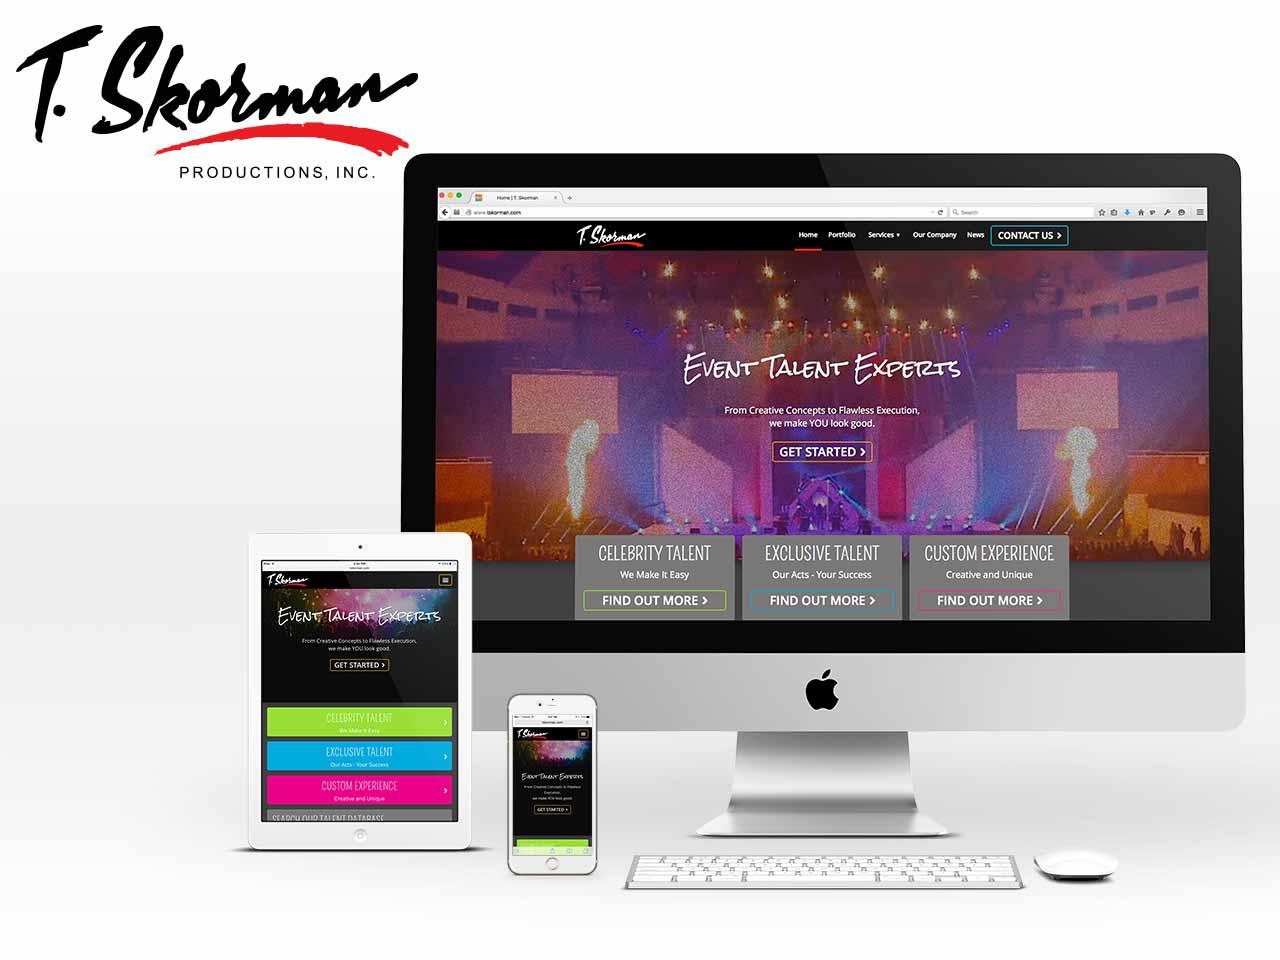 tskorman-showcase